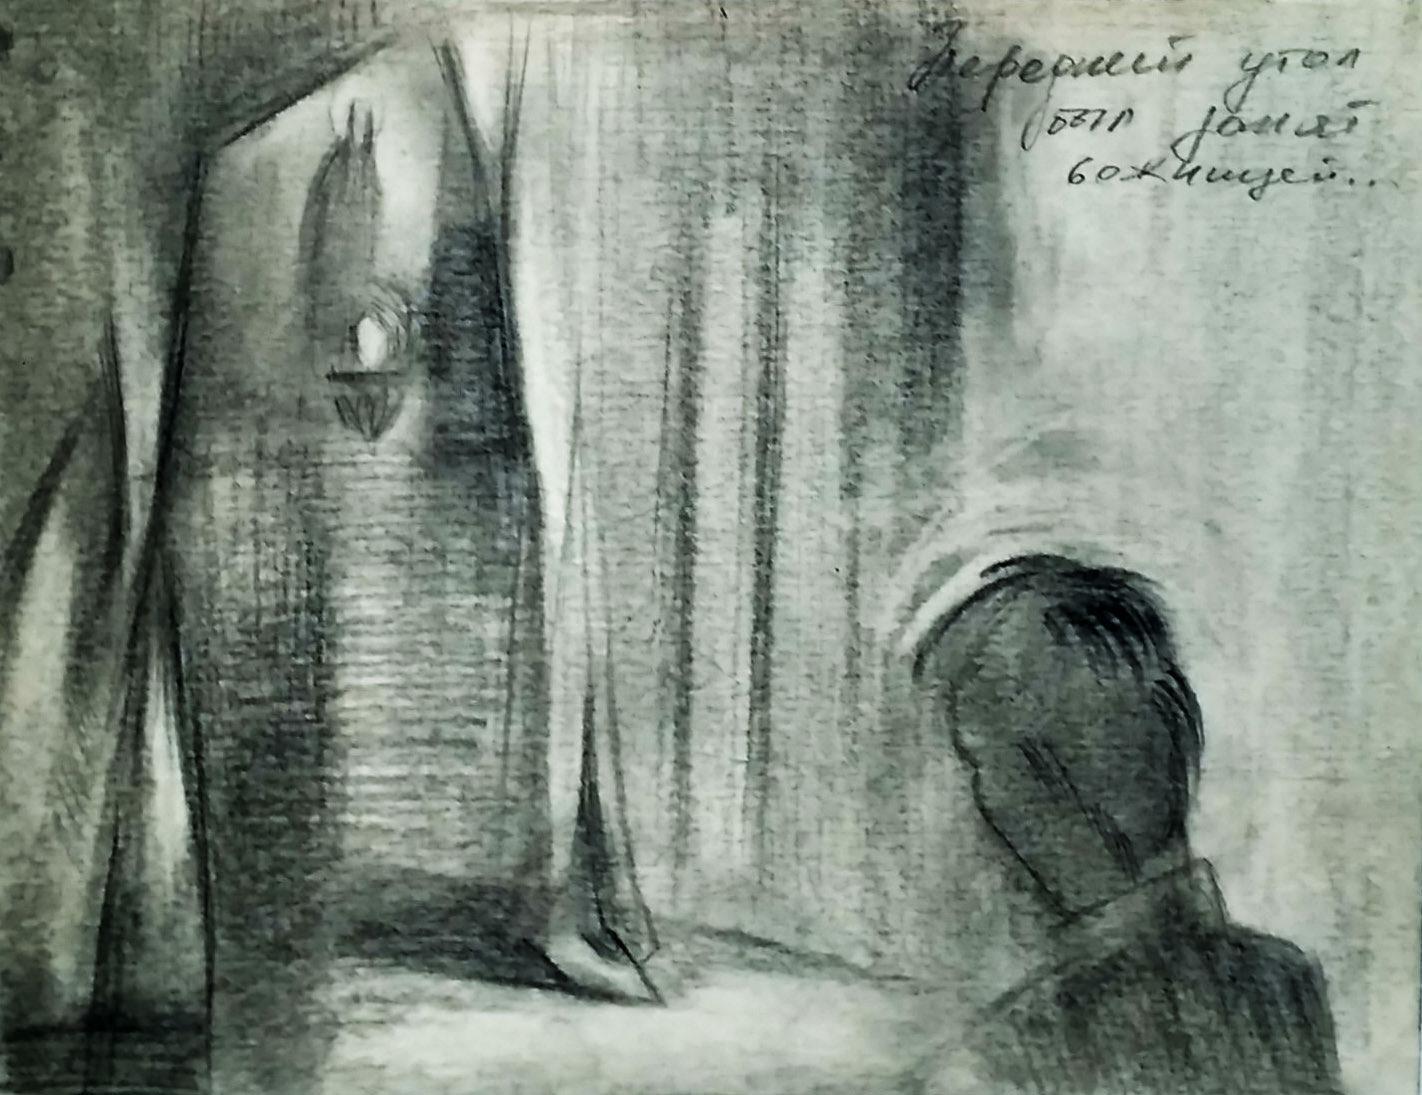 Ханна Шматок, иллюстрация из серии «Темные аллеи» (источник фото: behance.net)